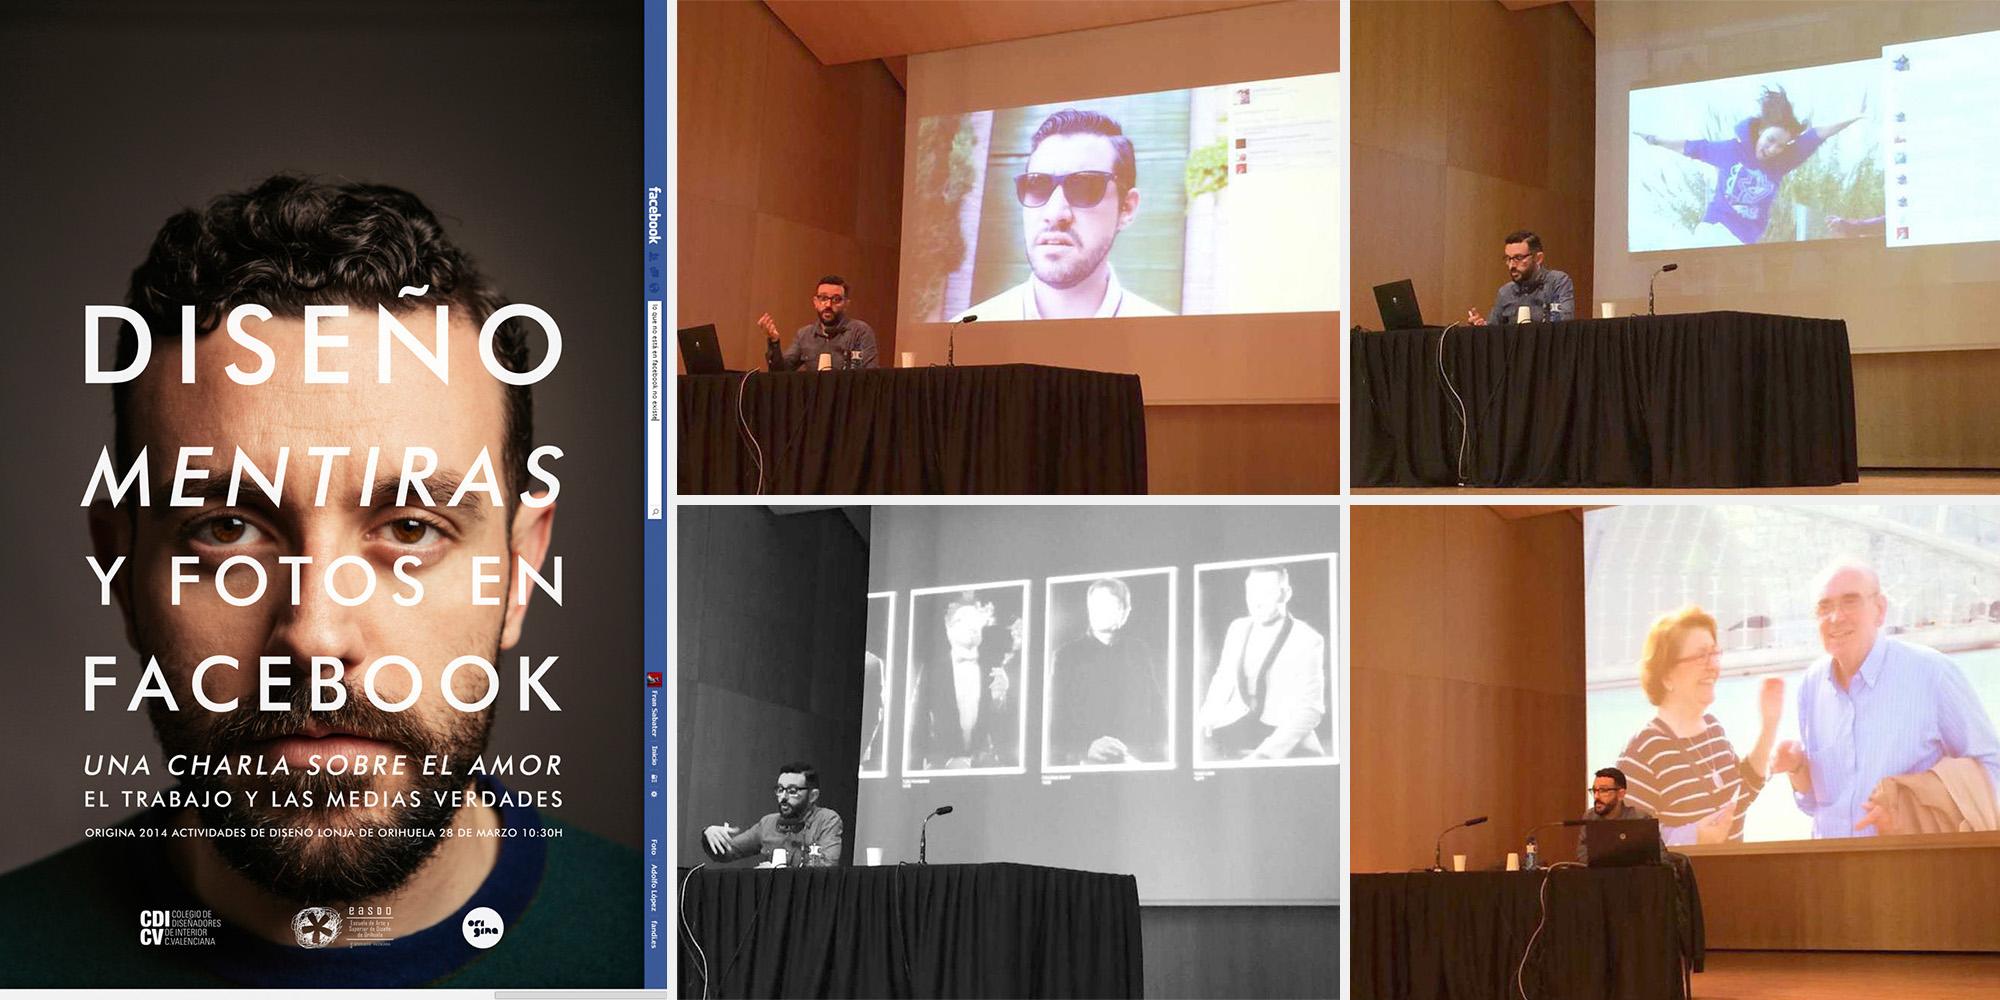 Origina 2014 | Diseño, mentiras y fotos en Facebook | Charla de colegiación en la Escuela de Diseño de Orihuela 2015 | CDICV